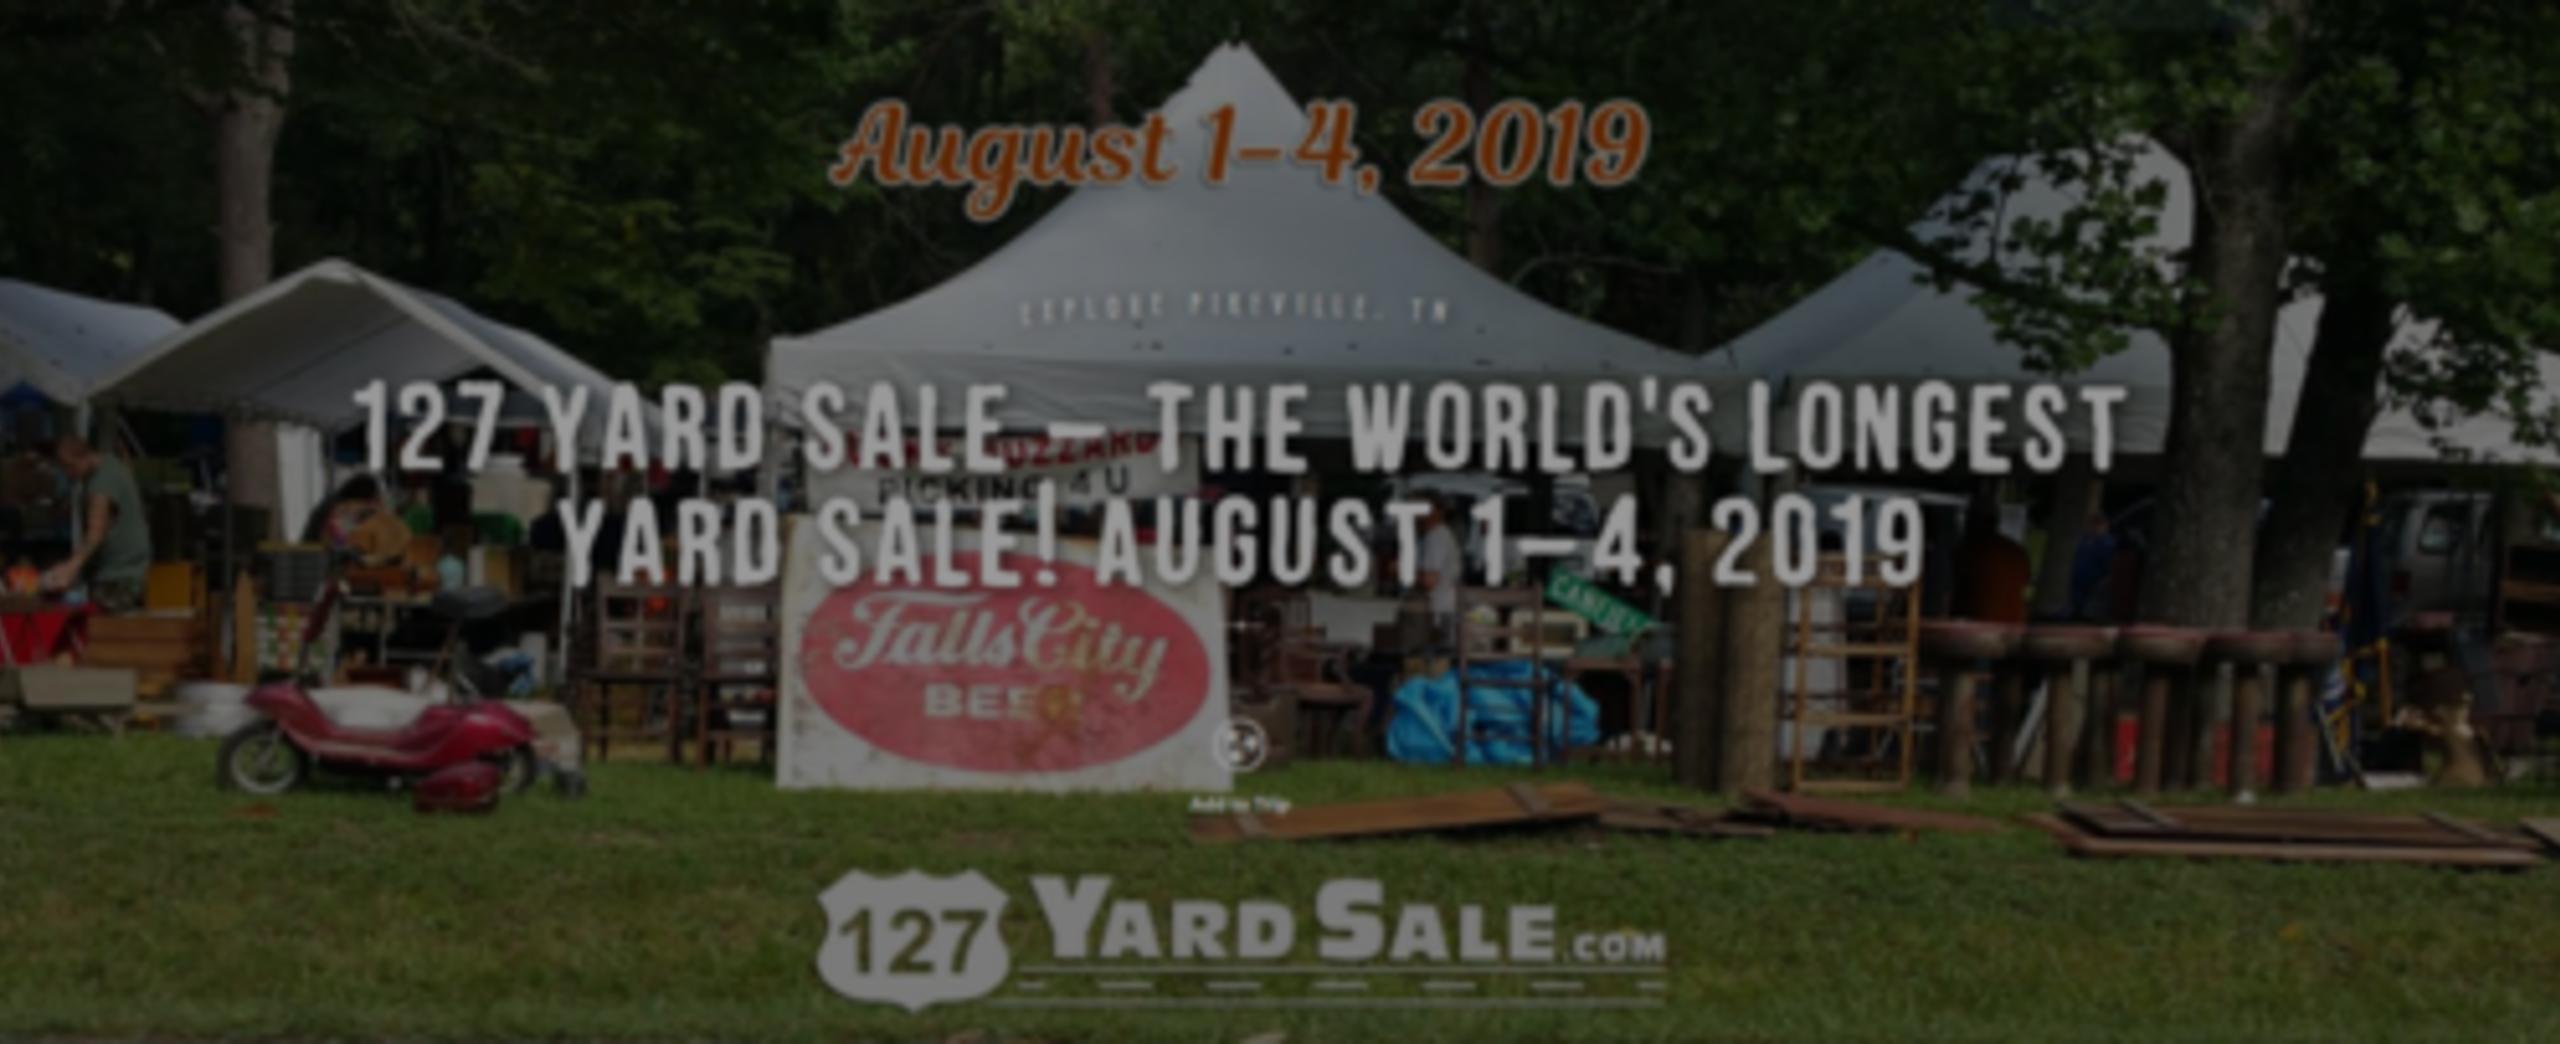 LONGEST YARD SALE 2019